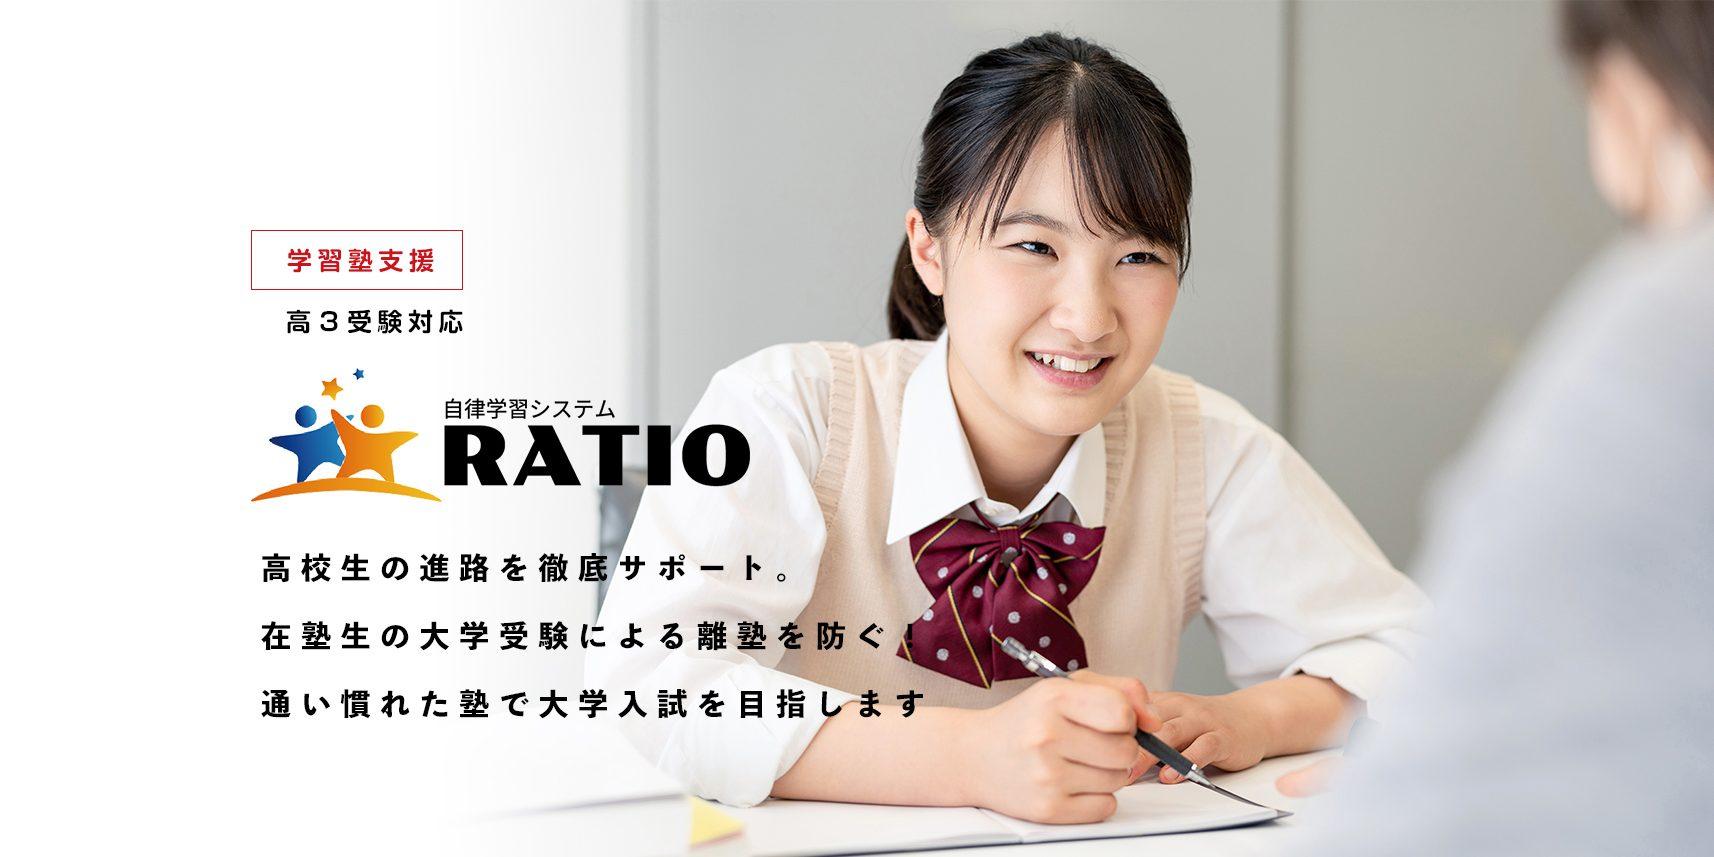 学習塾支援・高三受験対応[RATIO]高校生の進路を徹底サポート